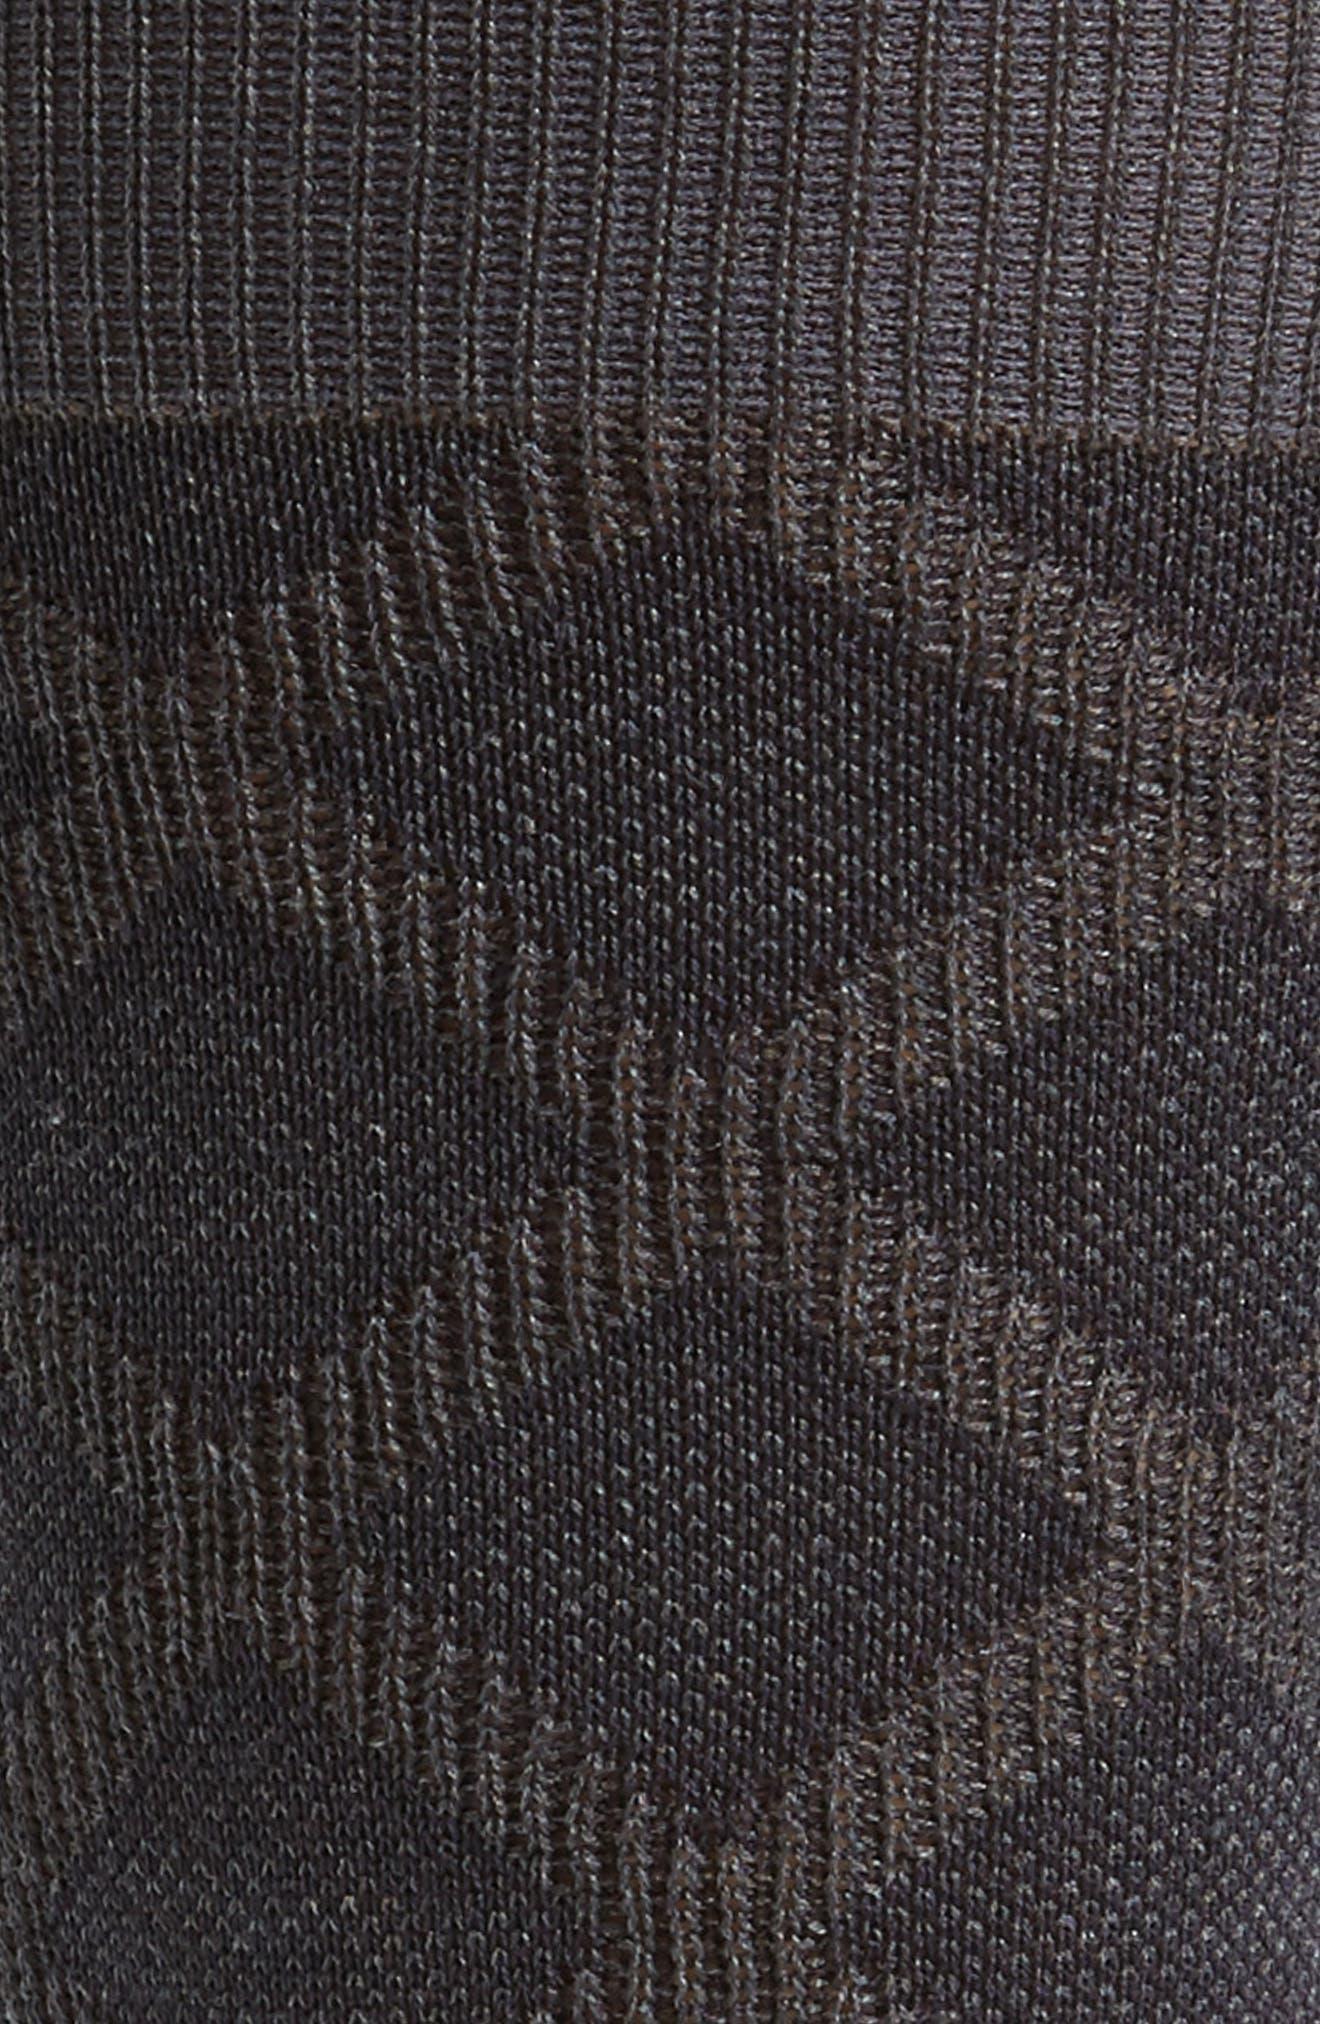 Argyle Socks,                             Alternate thumbnail 2, color,                             021